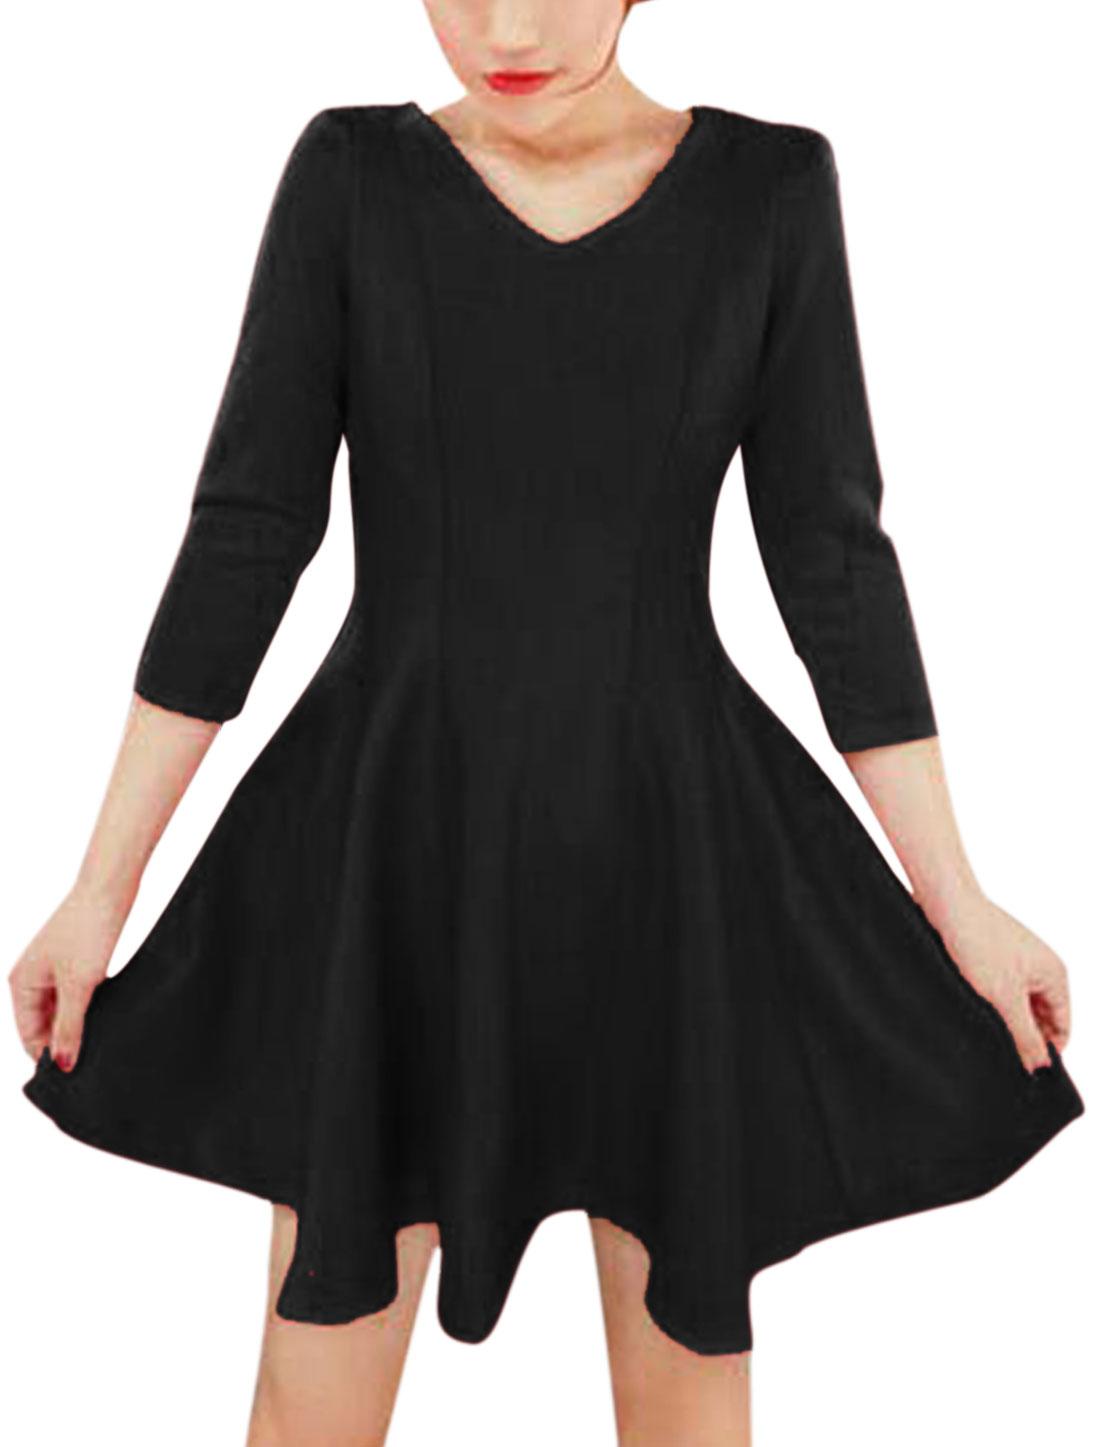 Women 3/4 Sleeves Round Neck Pullover NEW Skater Dress Black S